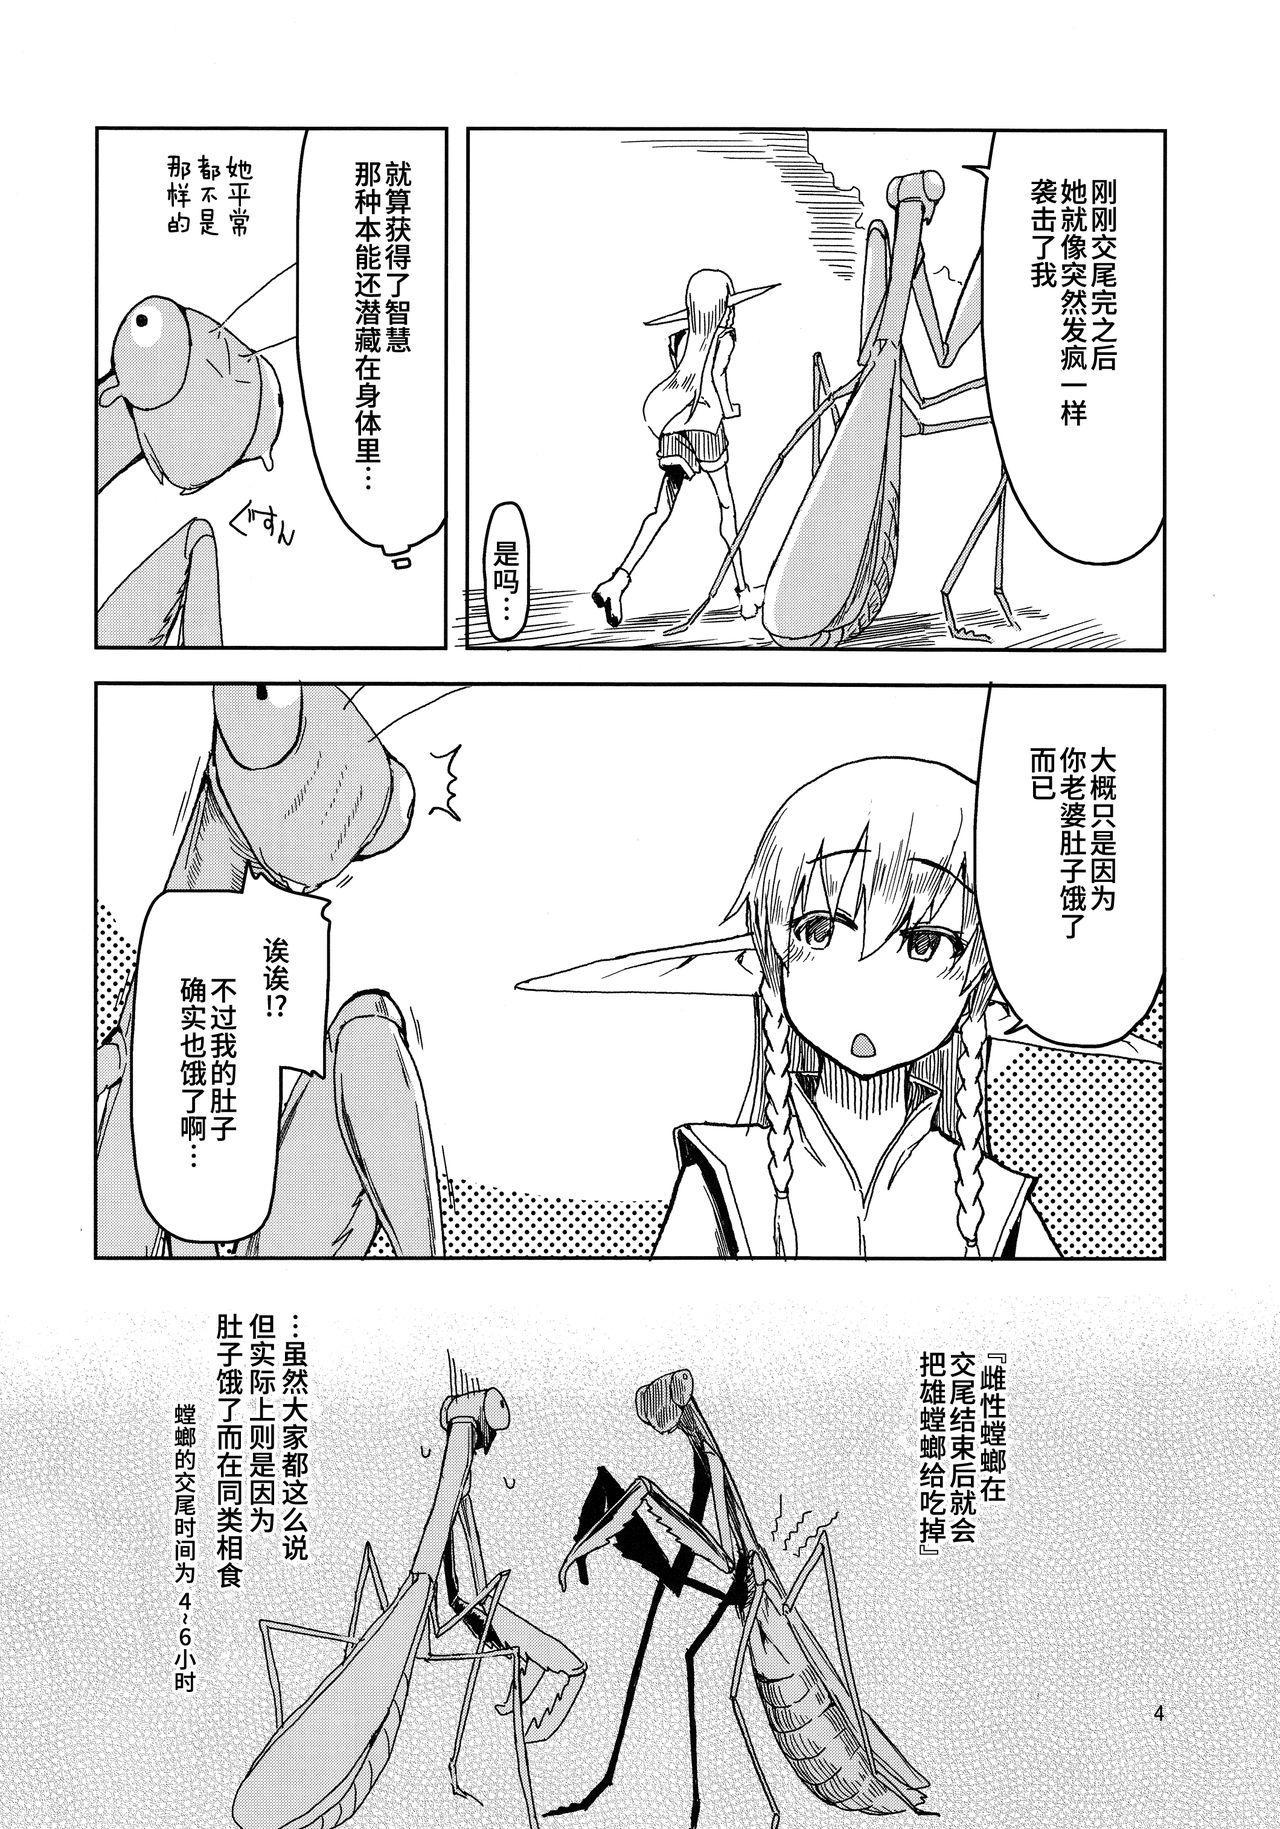 Dosukebe Elf no Ishukan Nikki 5 4